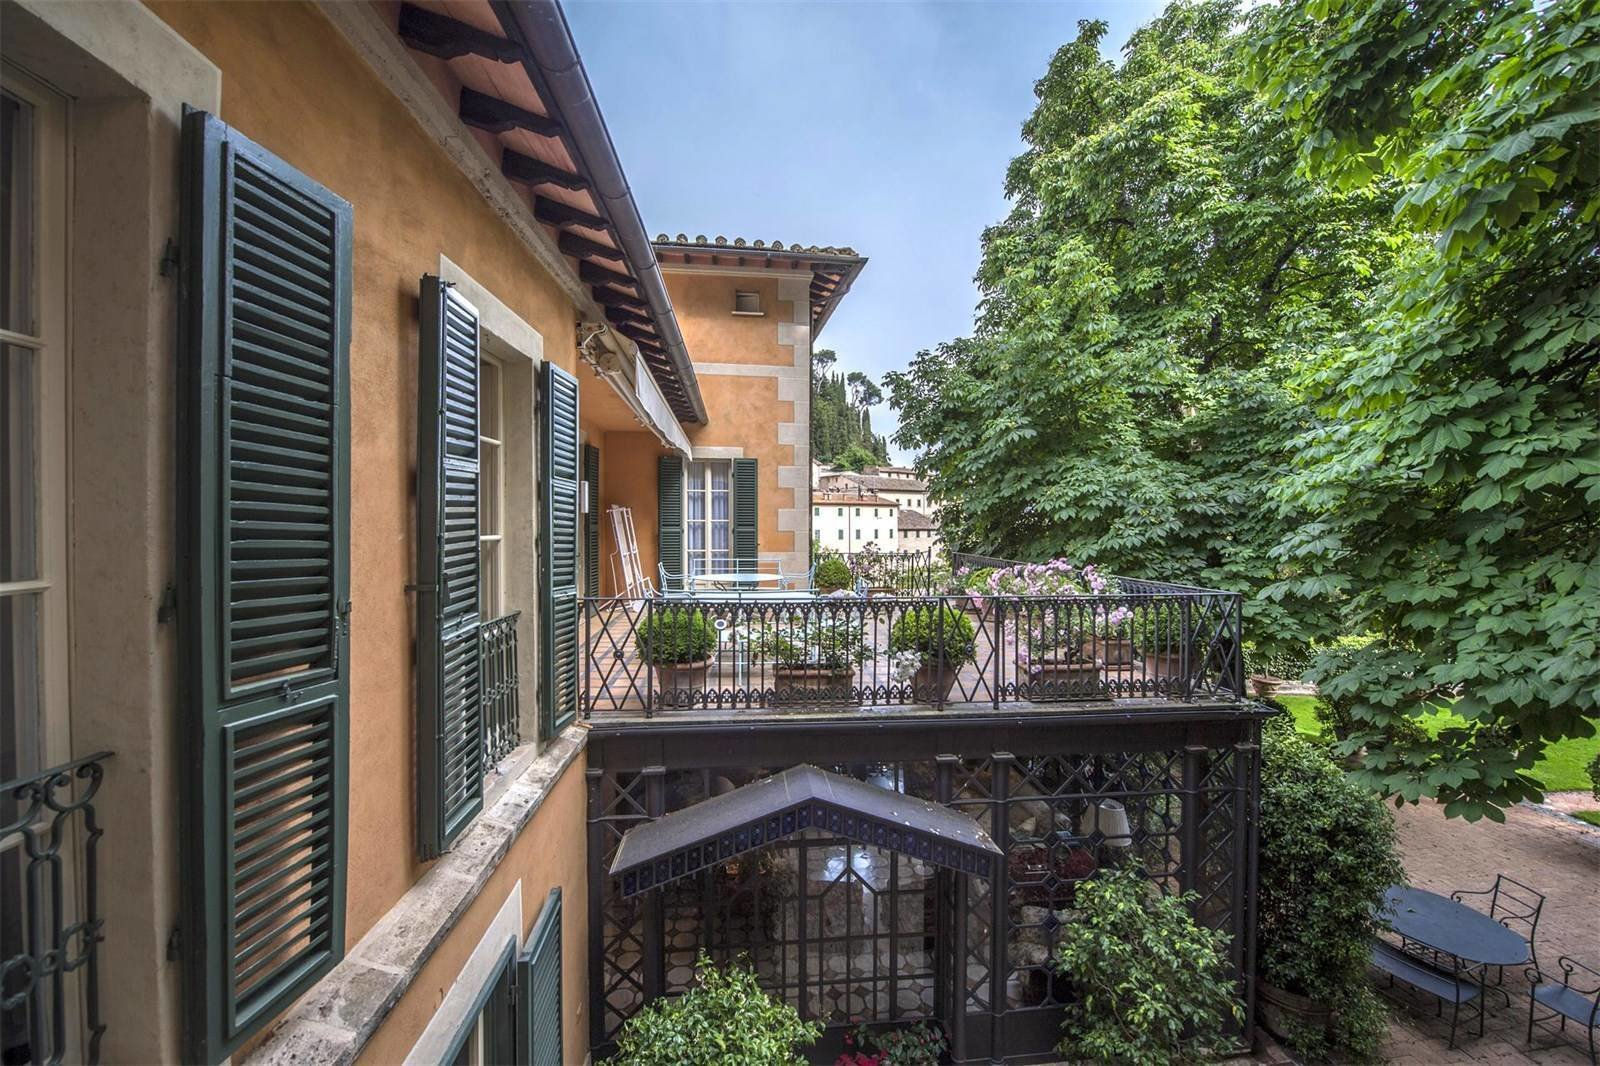 Villa La Vagnola Renzo Mongiardino outdoor